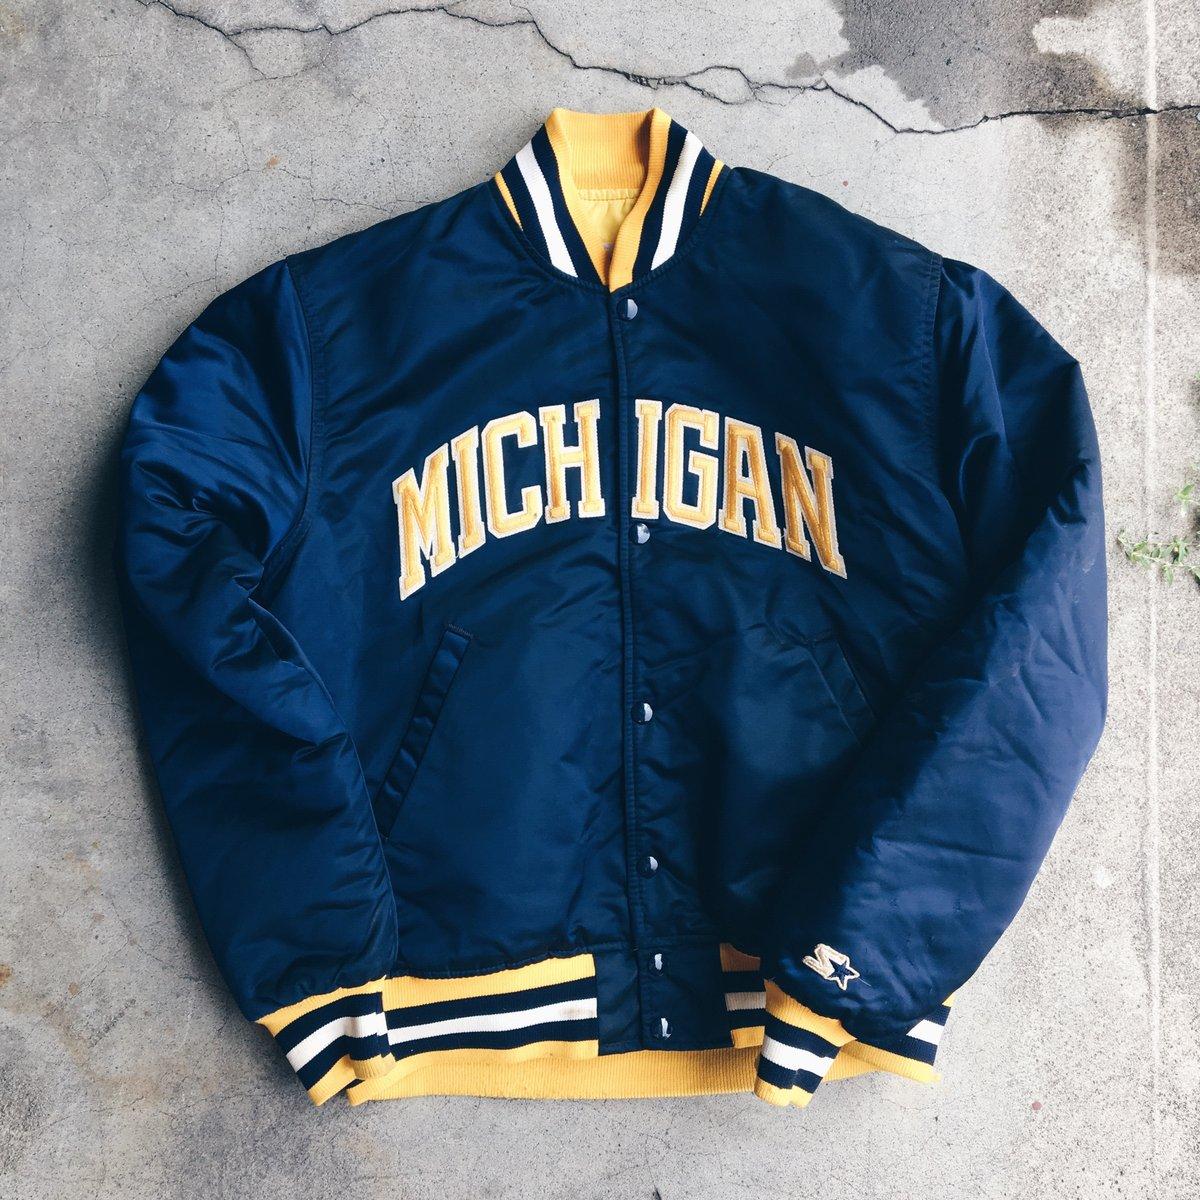 Image of Original 80's Starter Made In USA Michigan Satin Jacket.